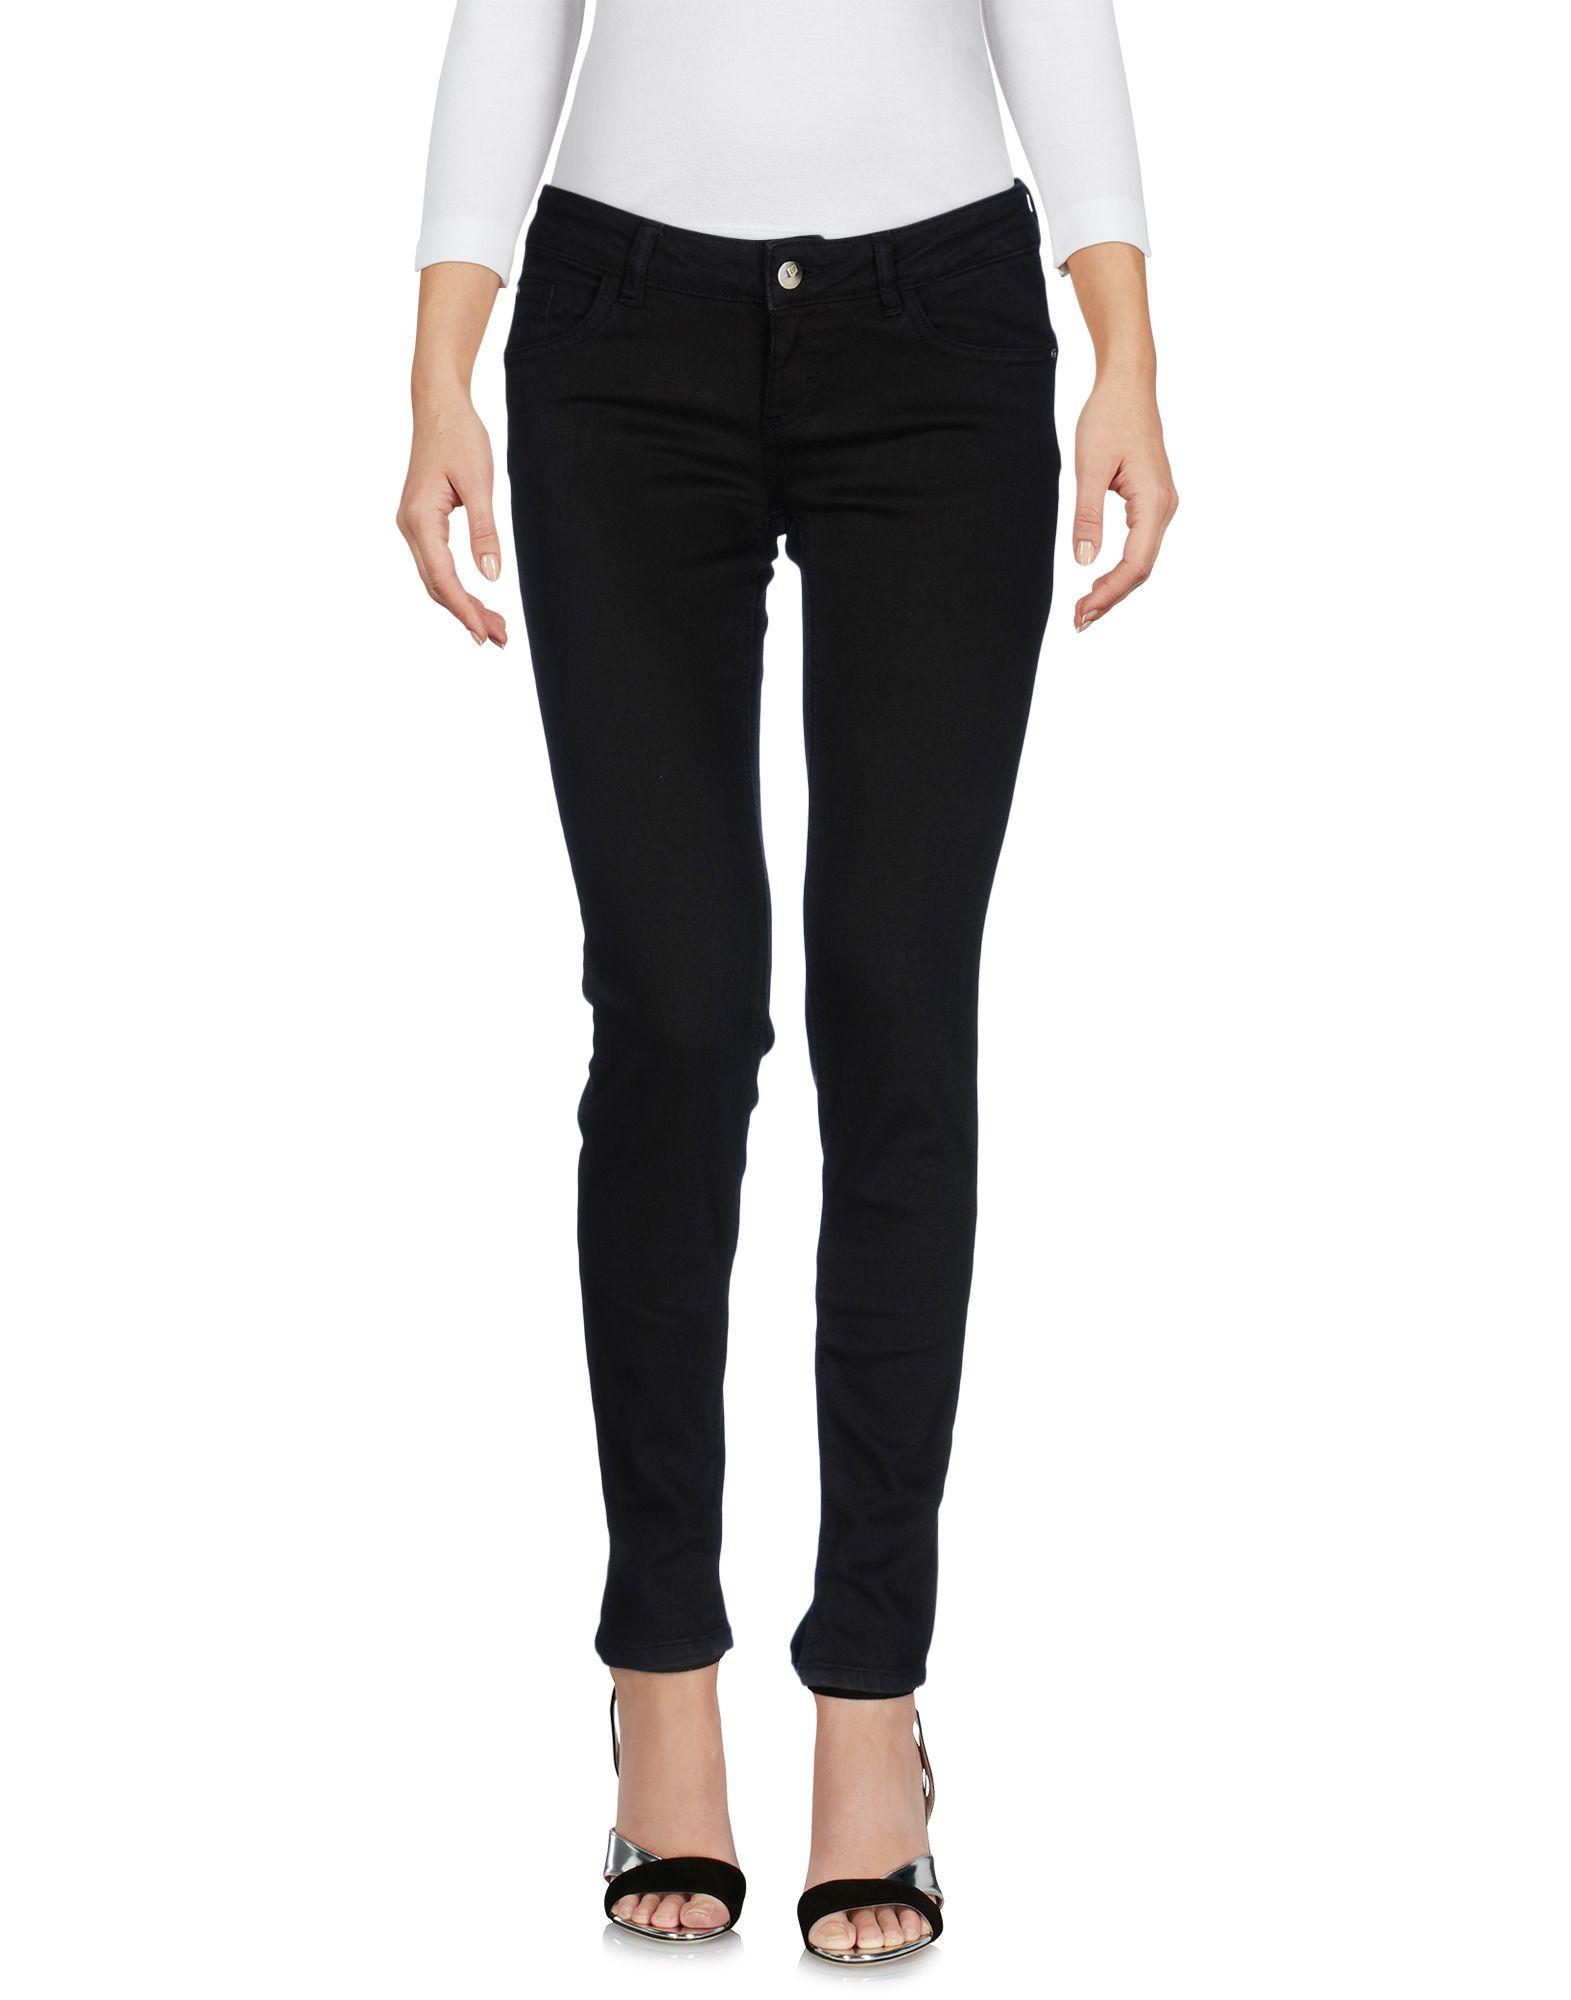 Liu •jo Jeans In Black